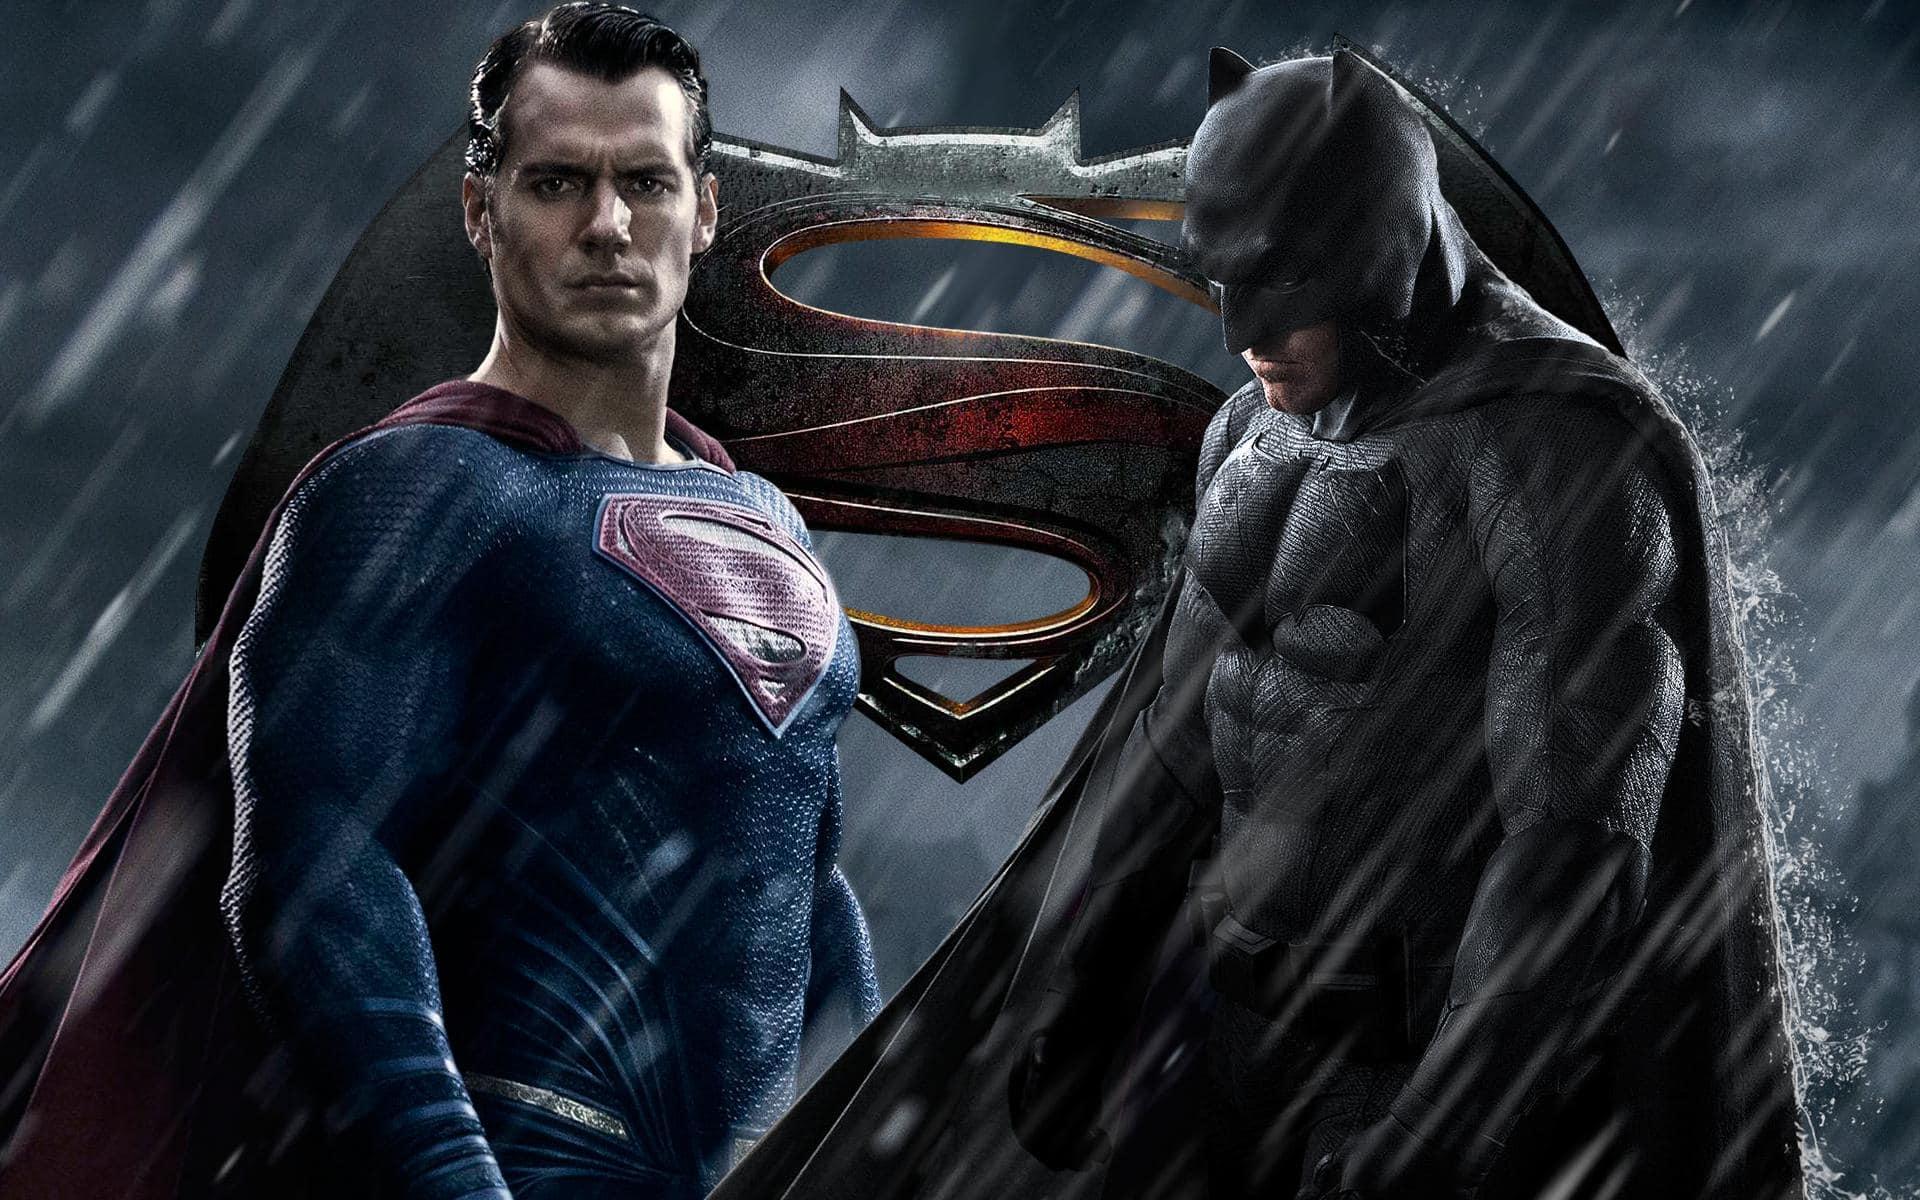 बैटमैन V सुपरमैन: डॉन ऑफ़ जस्टिस का एक और ट्रेलर